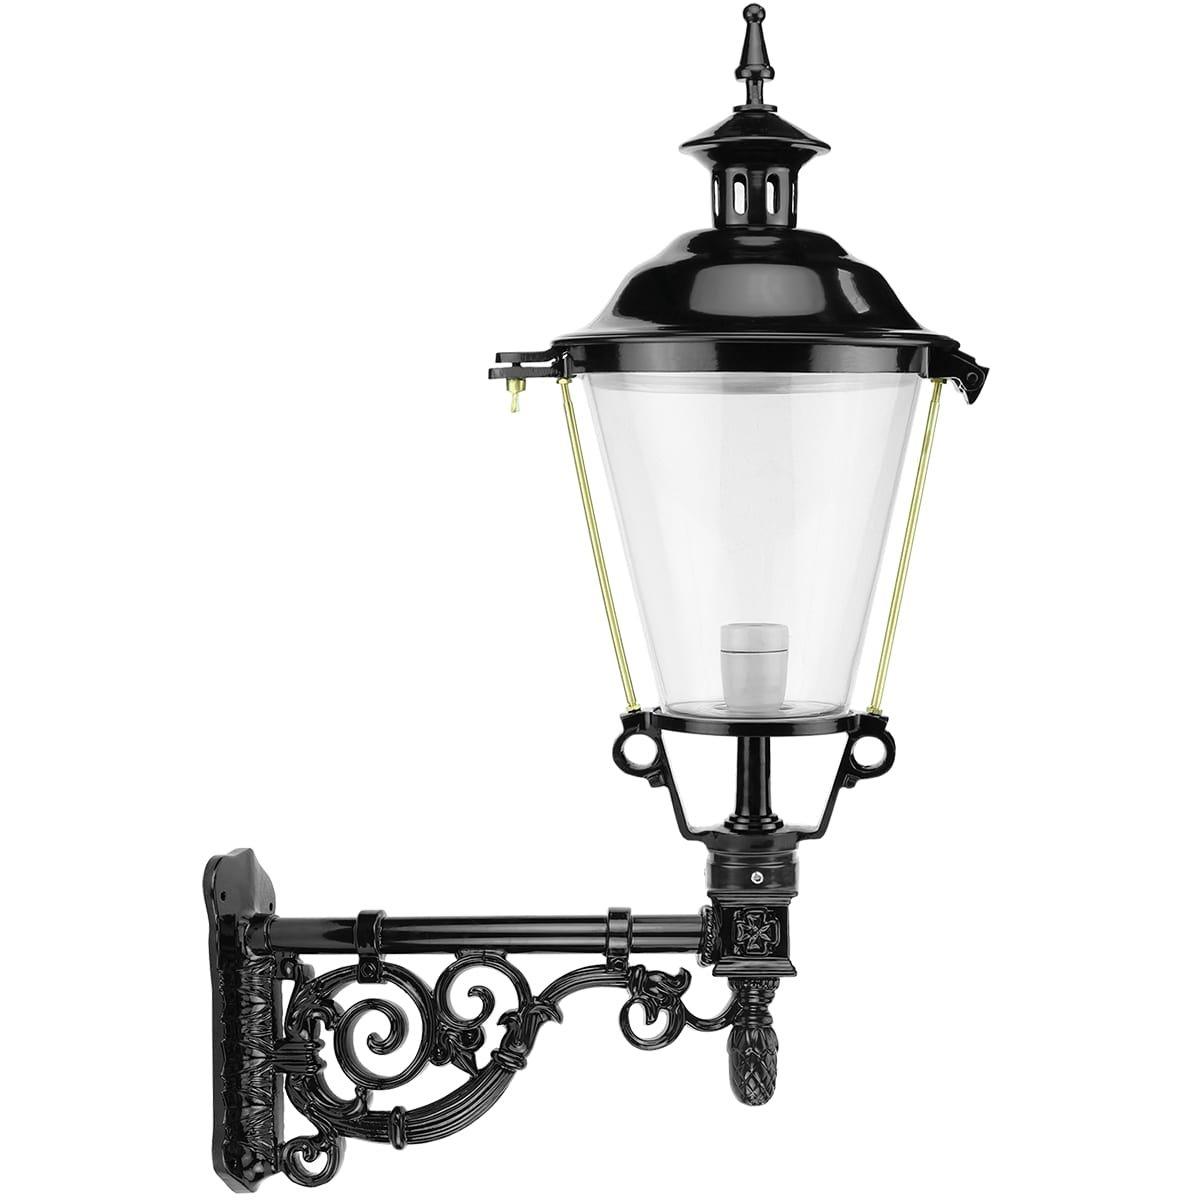 Außenbeleuchtung Klassisch Ländlich Außenlaterne wand Bussum - 88 cm